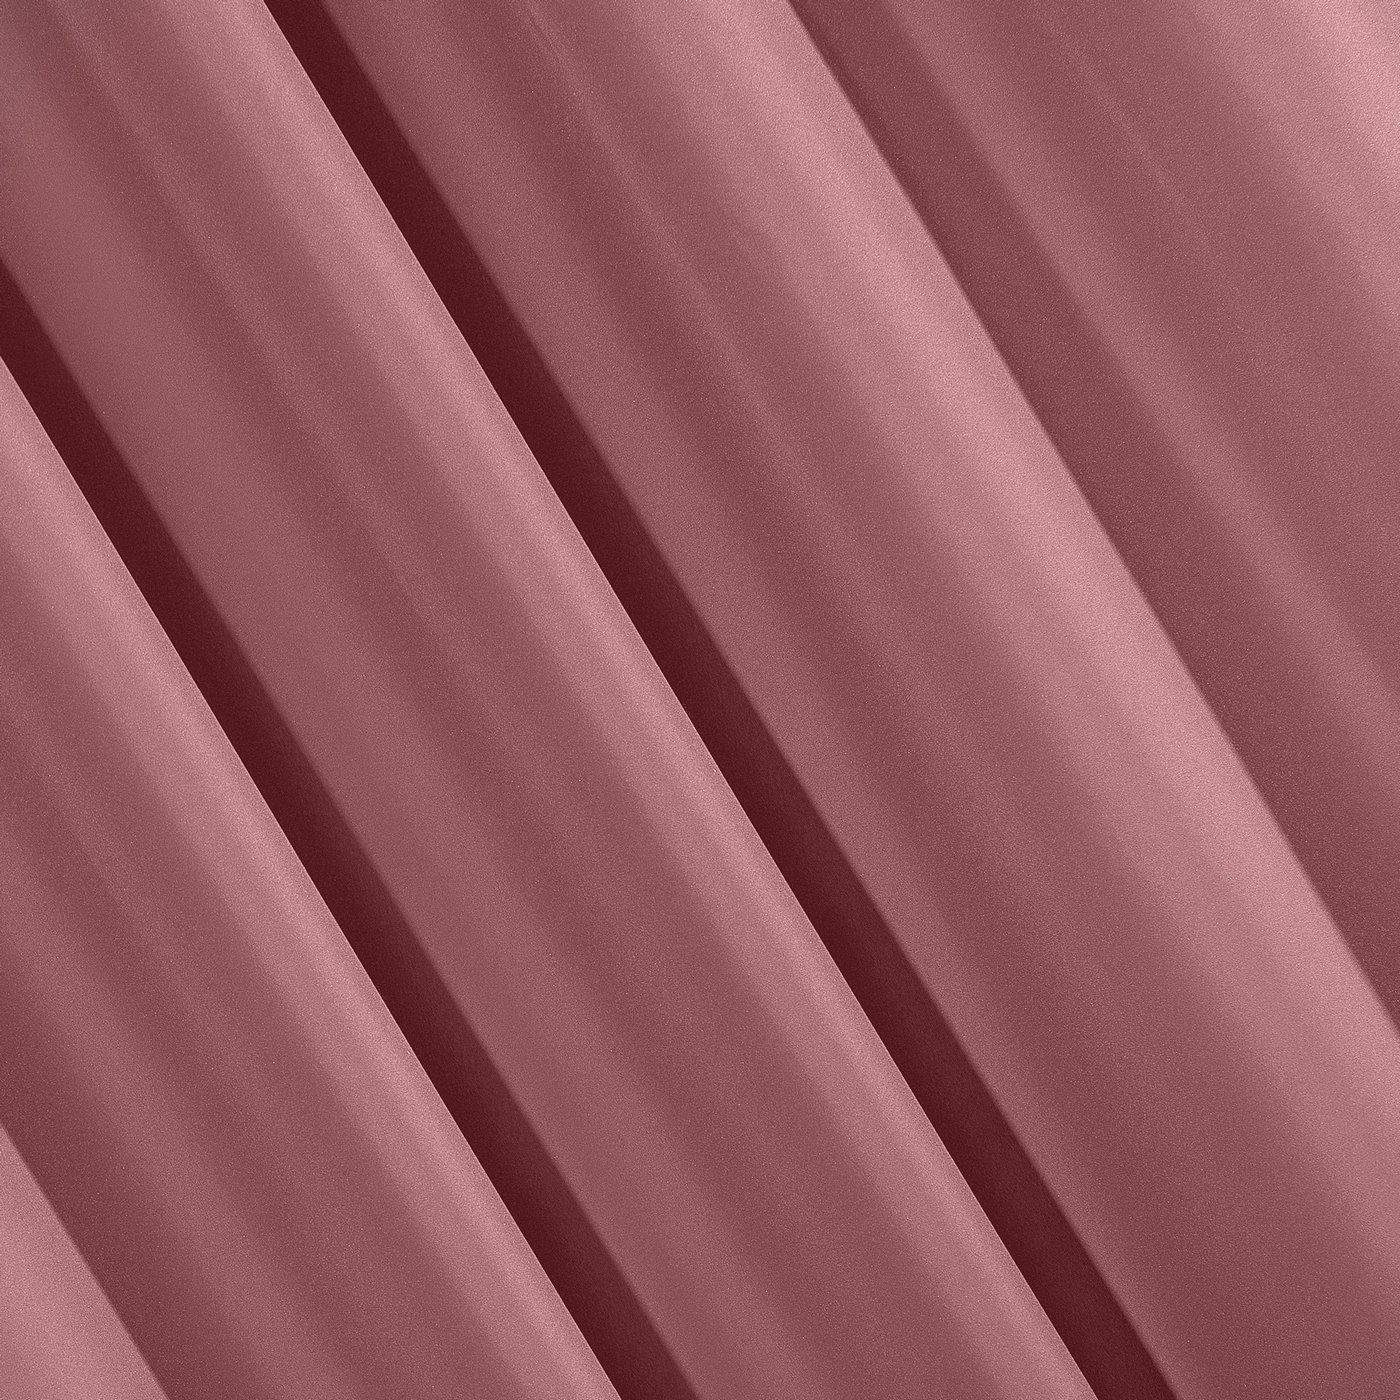 Ciemnoróżowa gładka zasłona z matowej satyny 140x250 przelotki